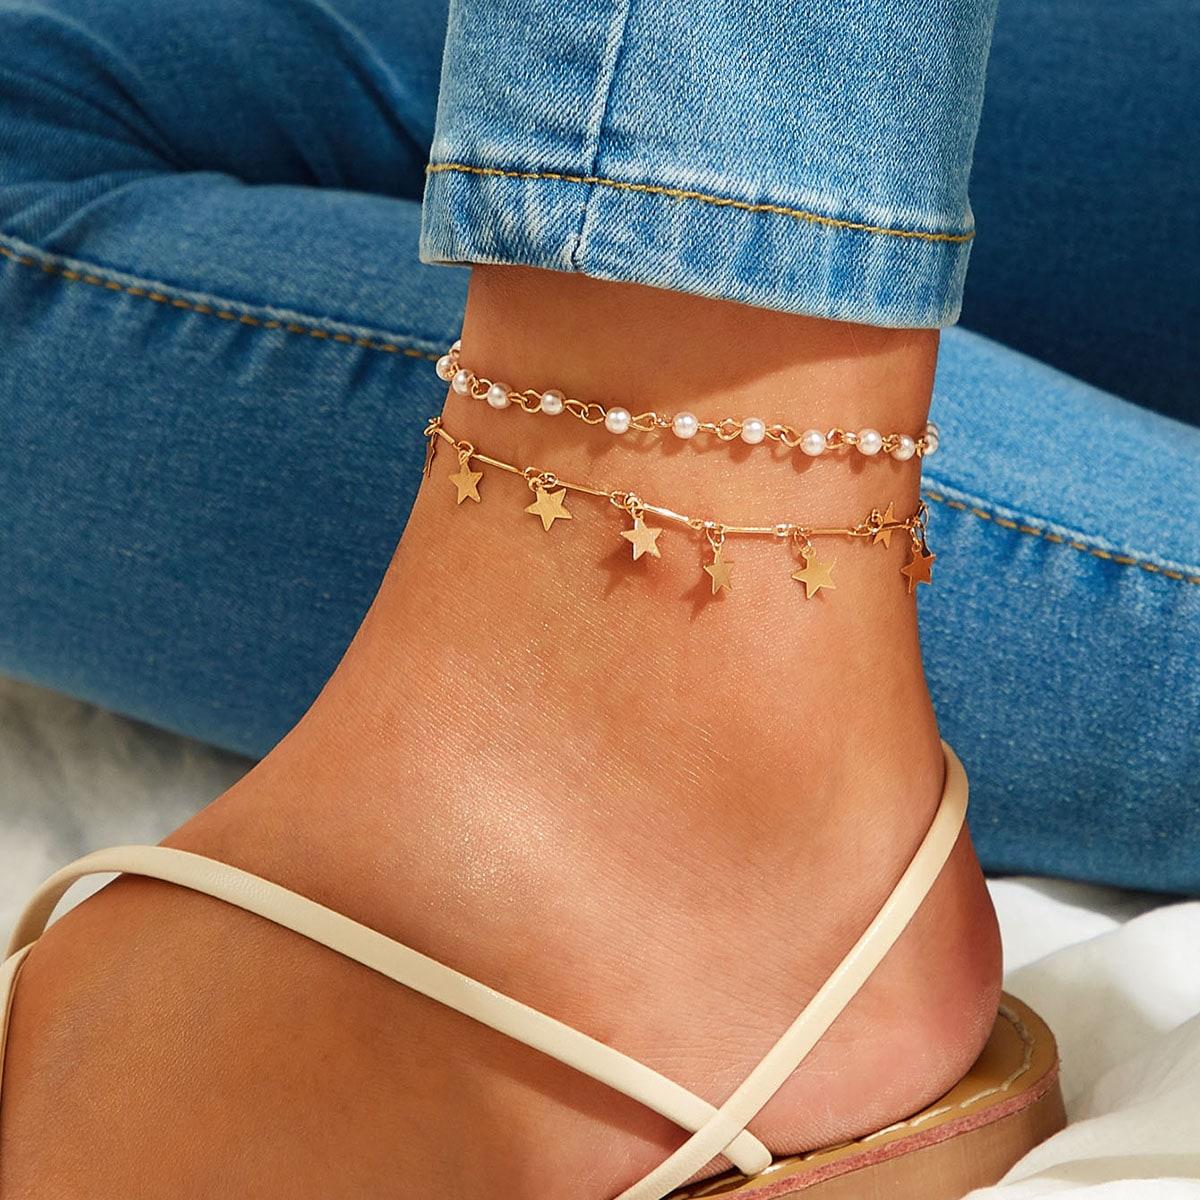 SHEIN / Fußkette mit Stern Anhänger & Kunstperlen Dekor 2 Stücke